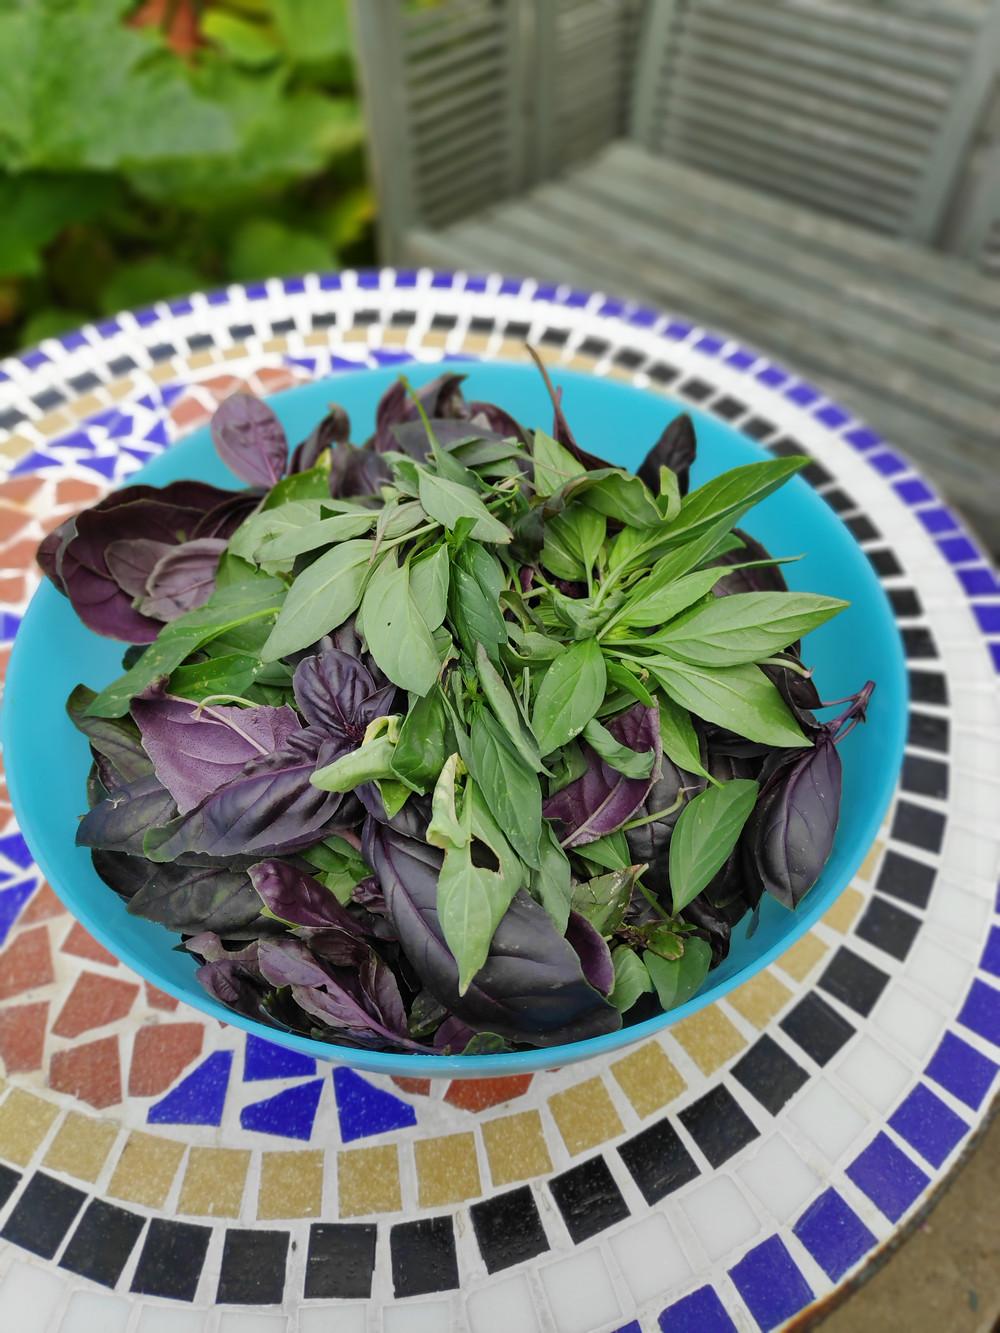 Fresh Picked Crimson King Basil Leaves